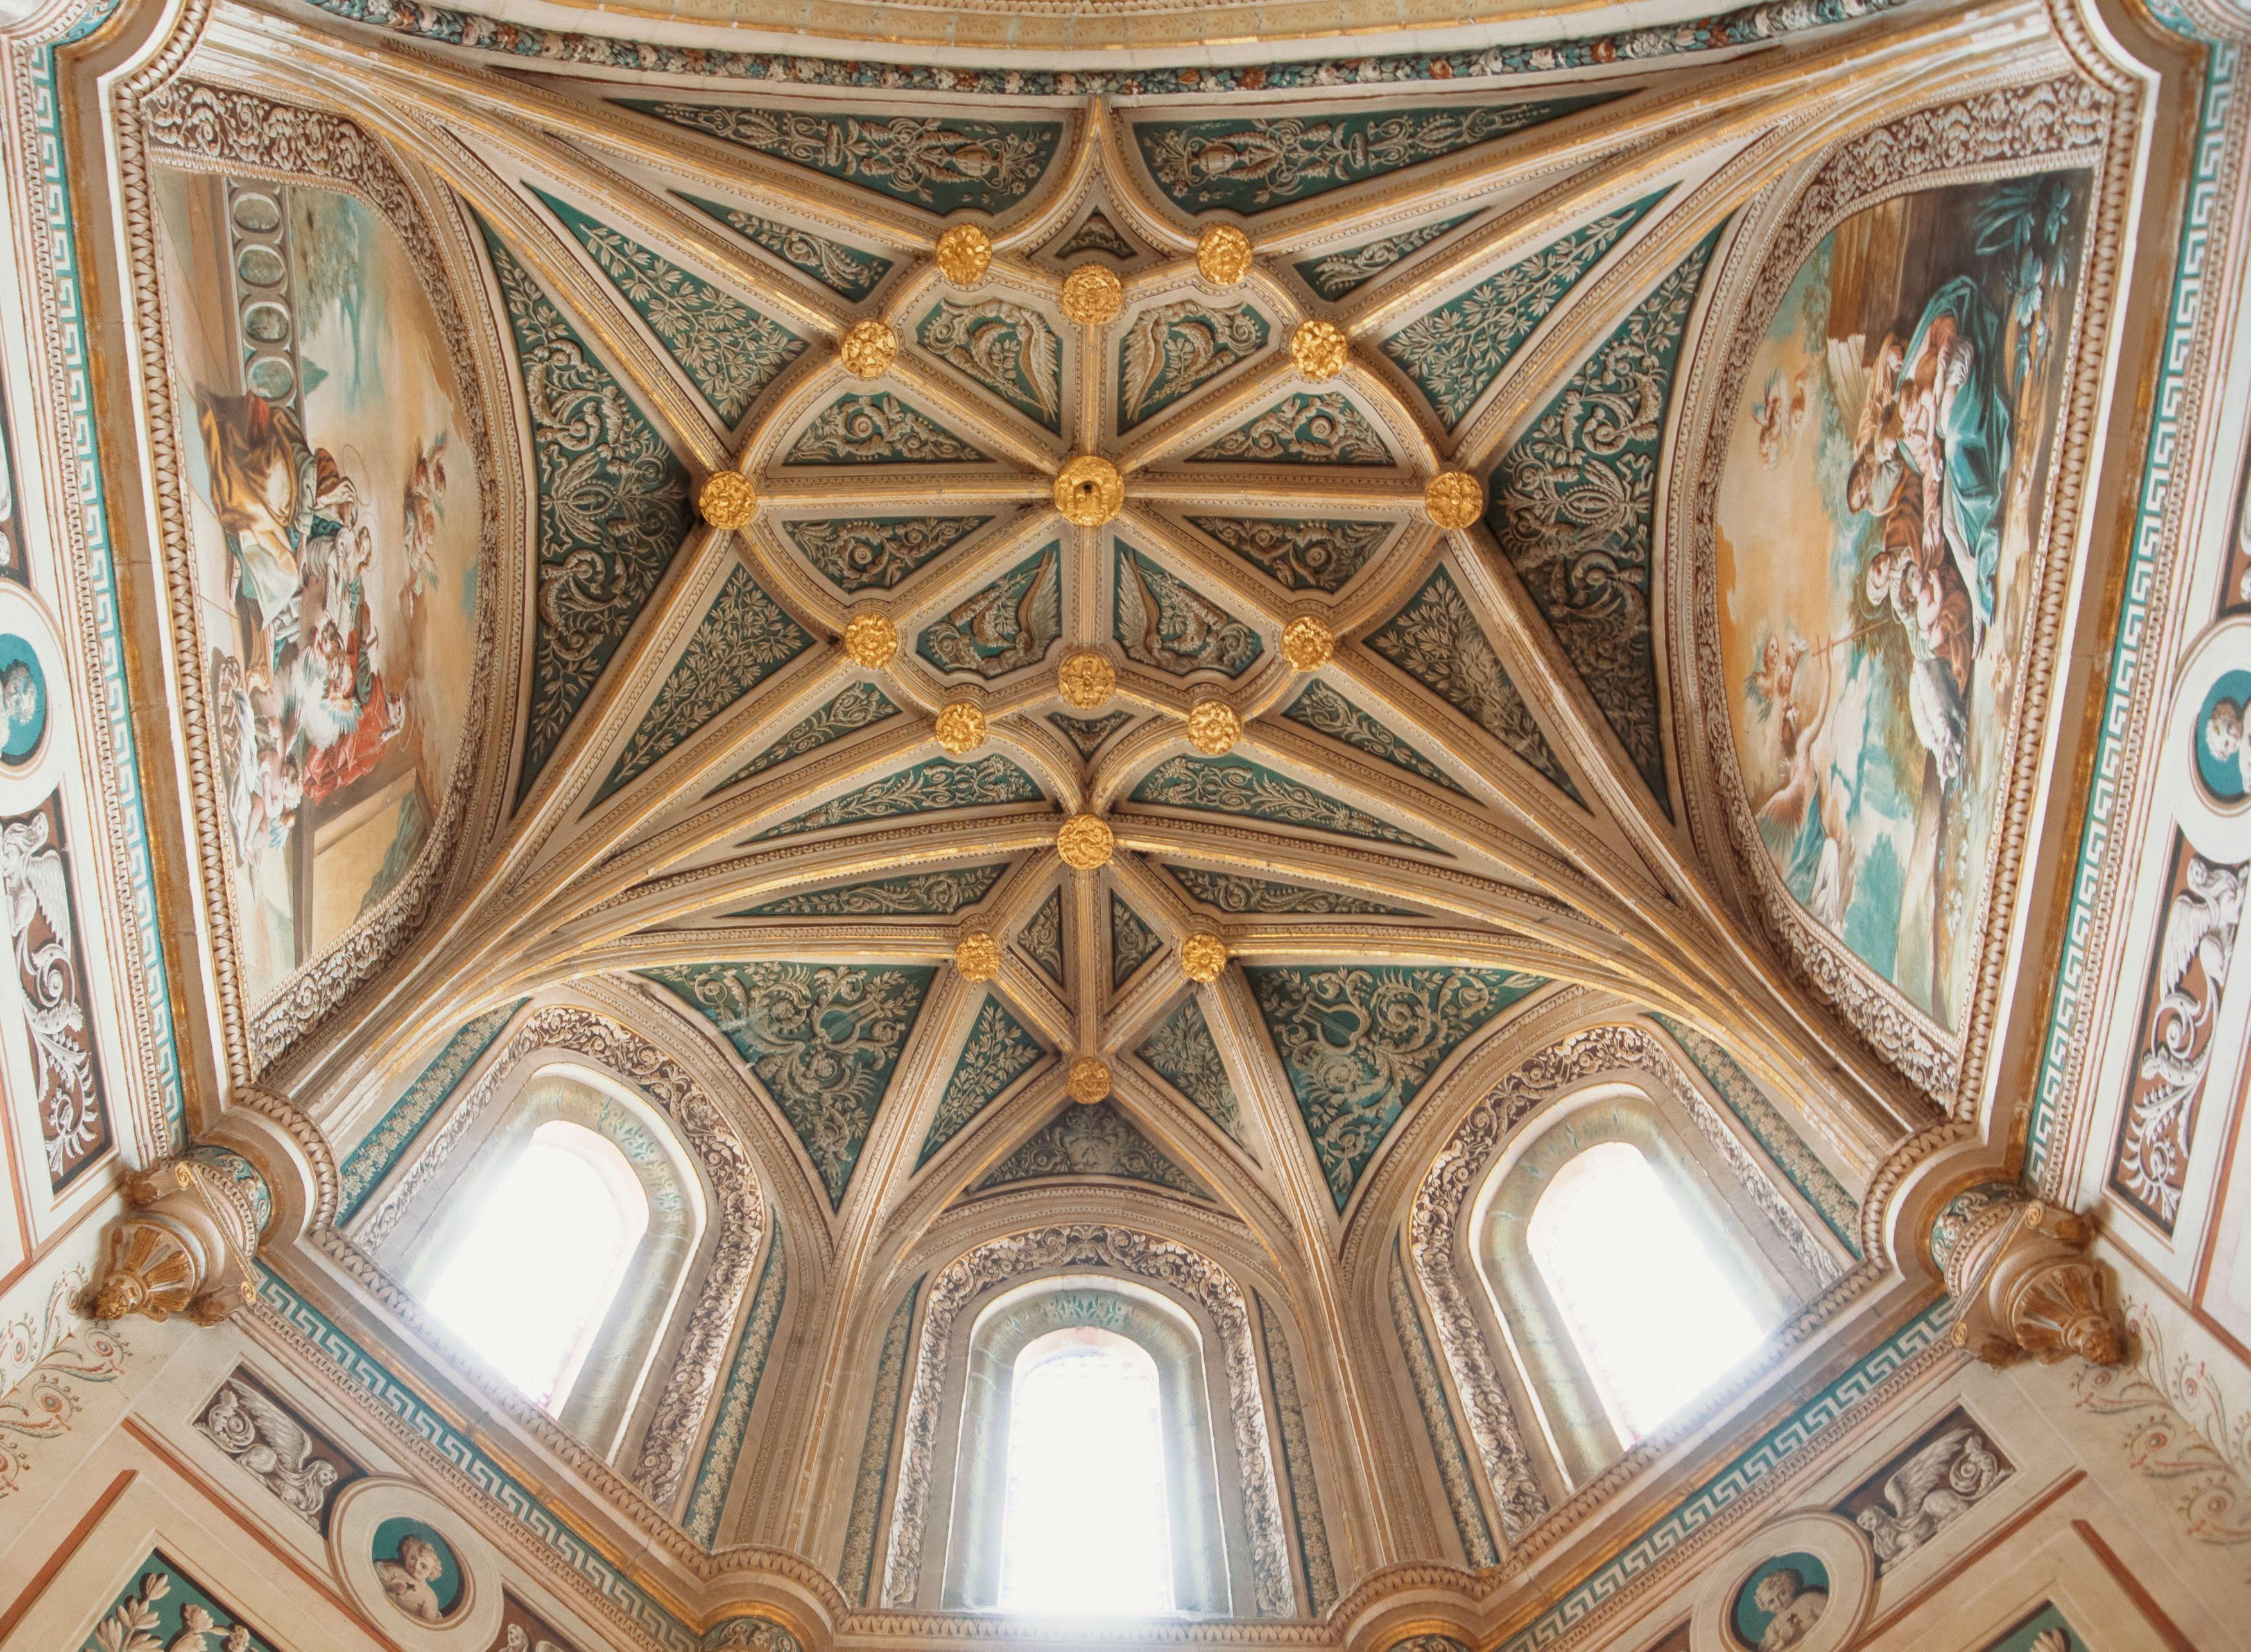 Visita las catedrales más maravillosas de España en Madrid